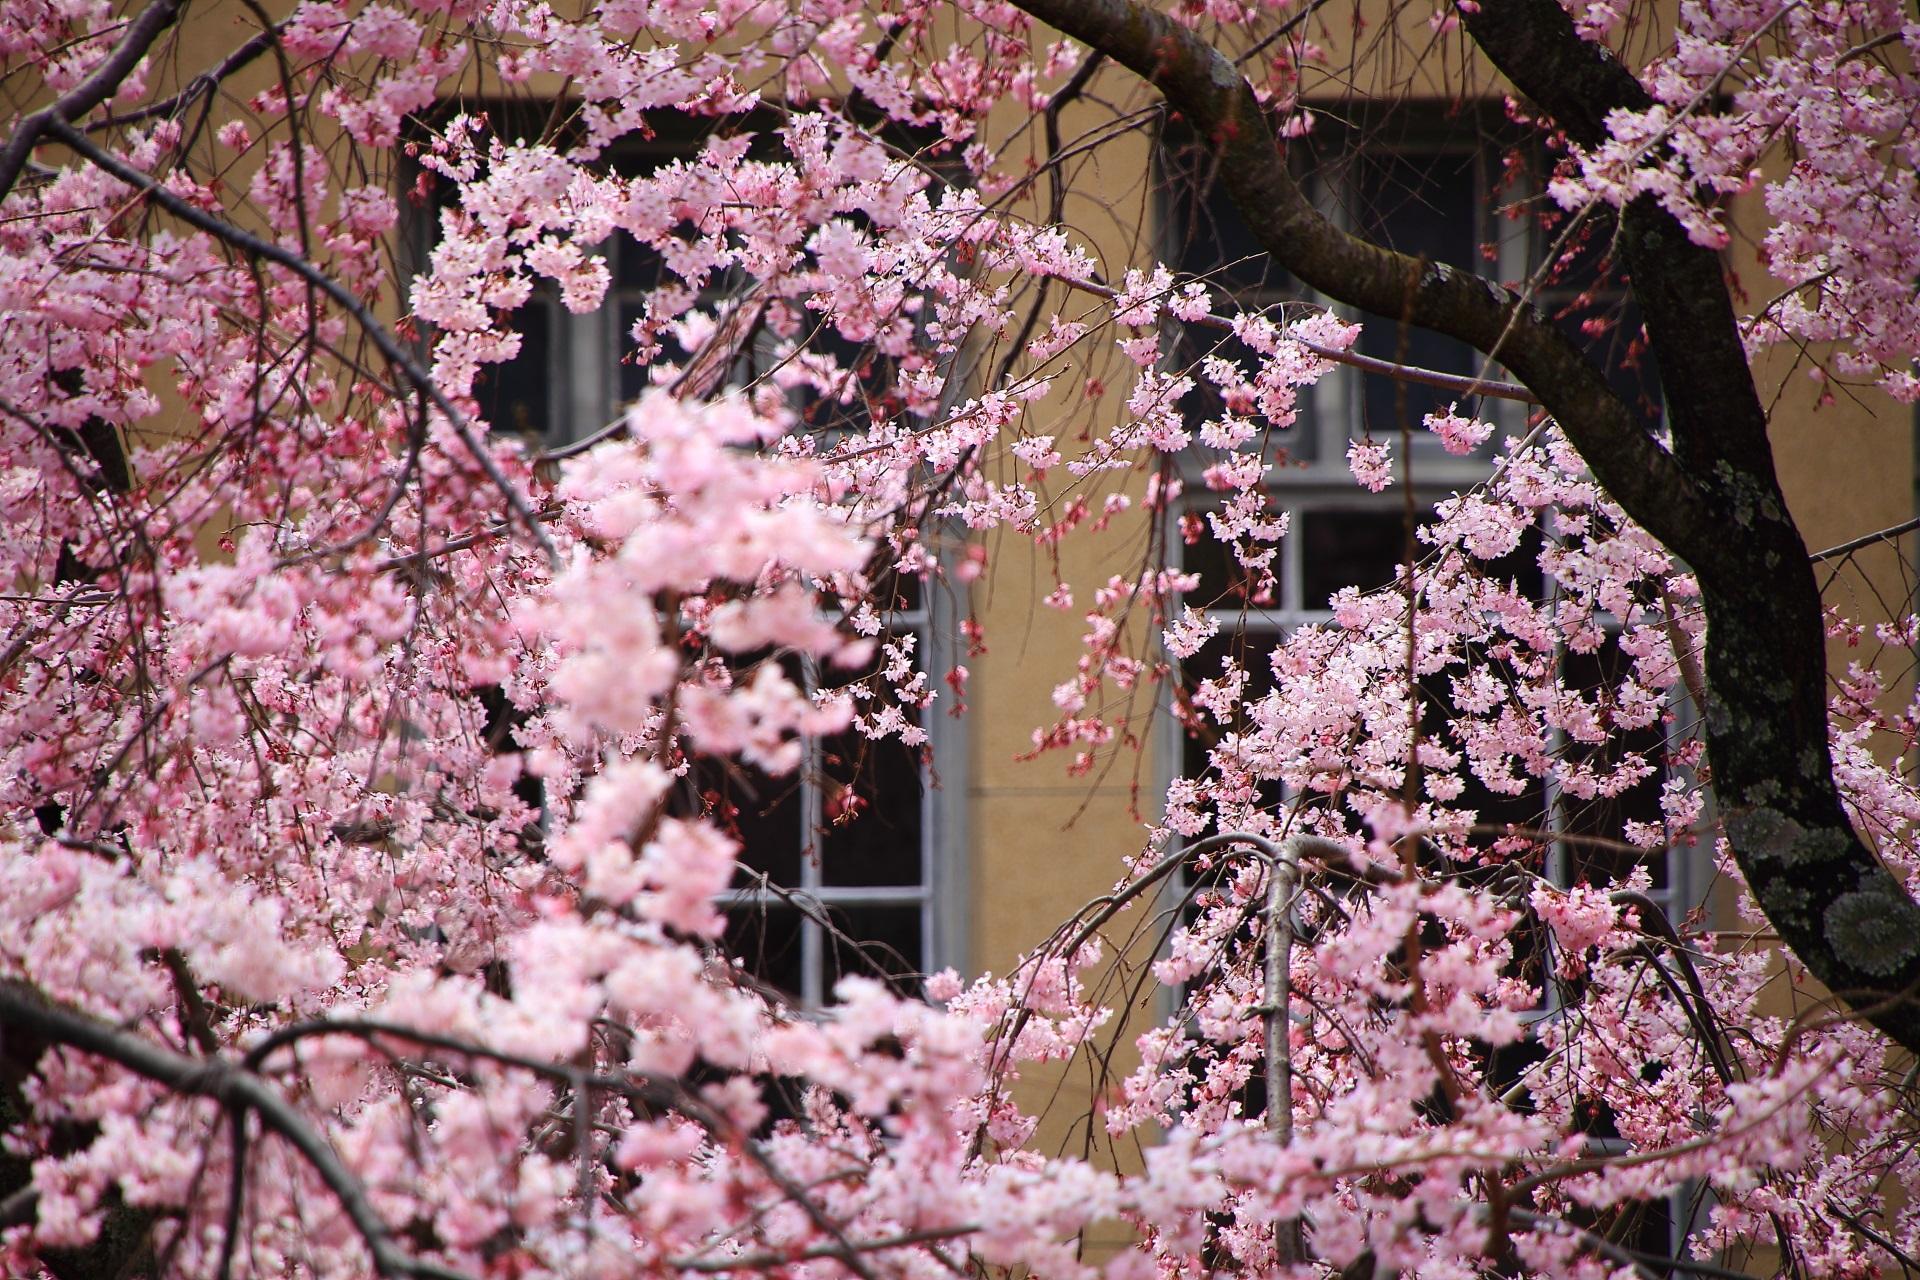 何となく王朝っぽい雰囲気もする桜